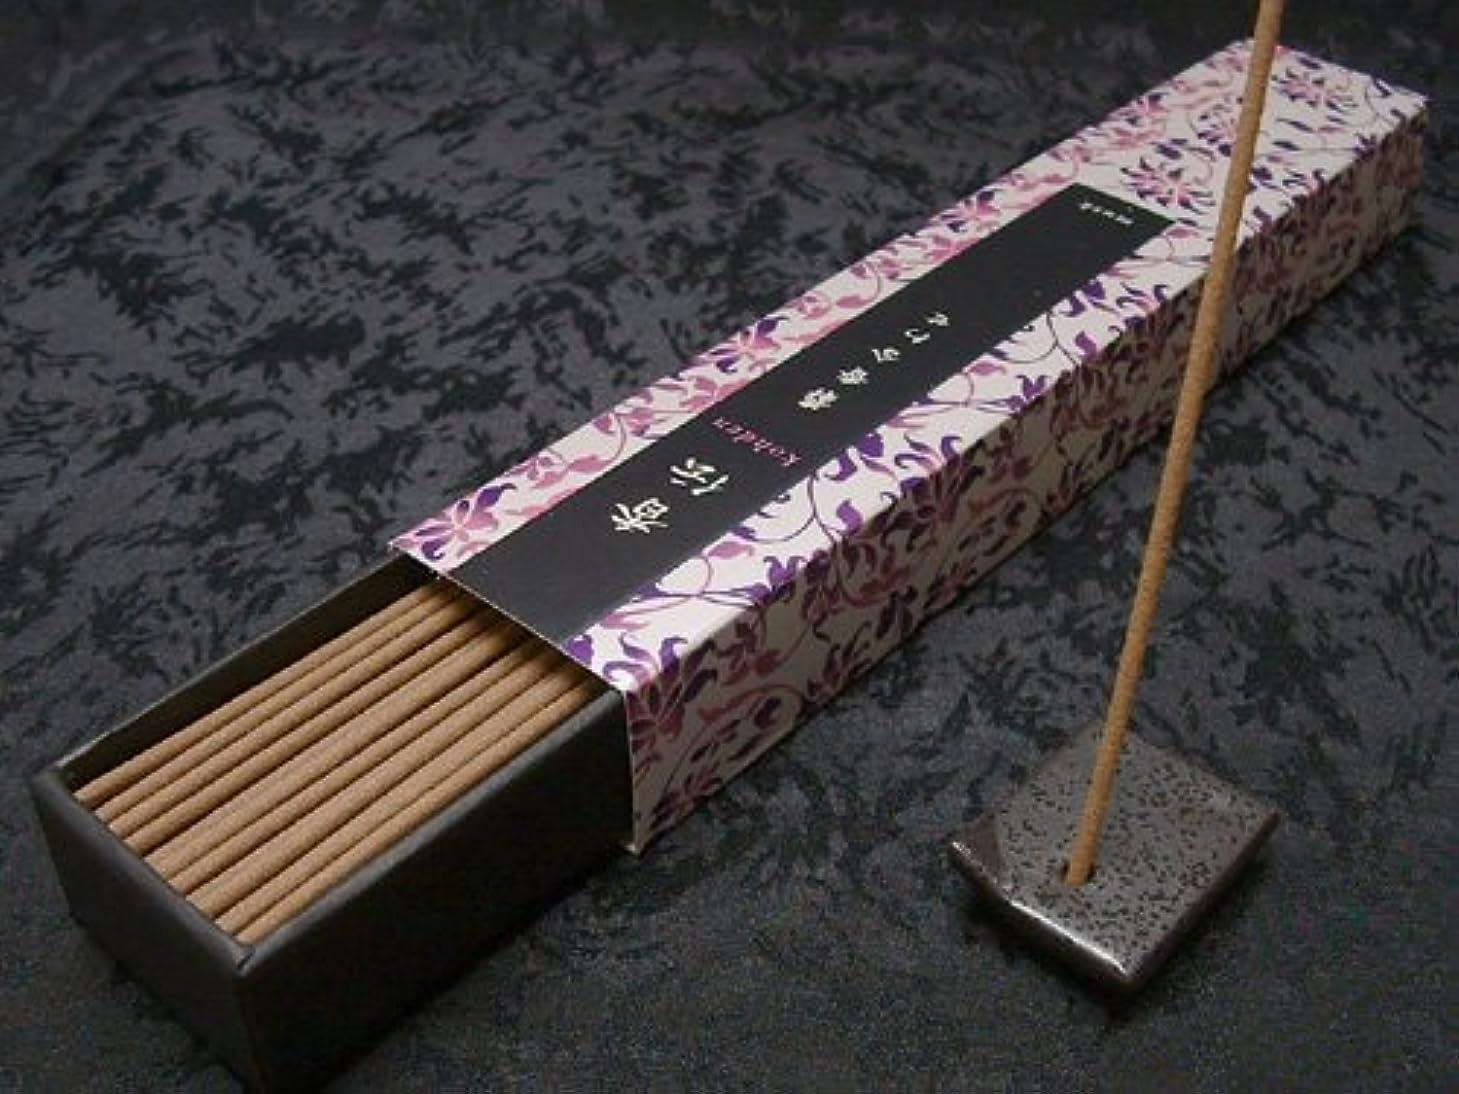 エレクトロニック法律によりクリーム日本香堂のお香 香伝 麝香風合わせ